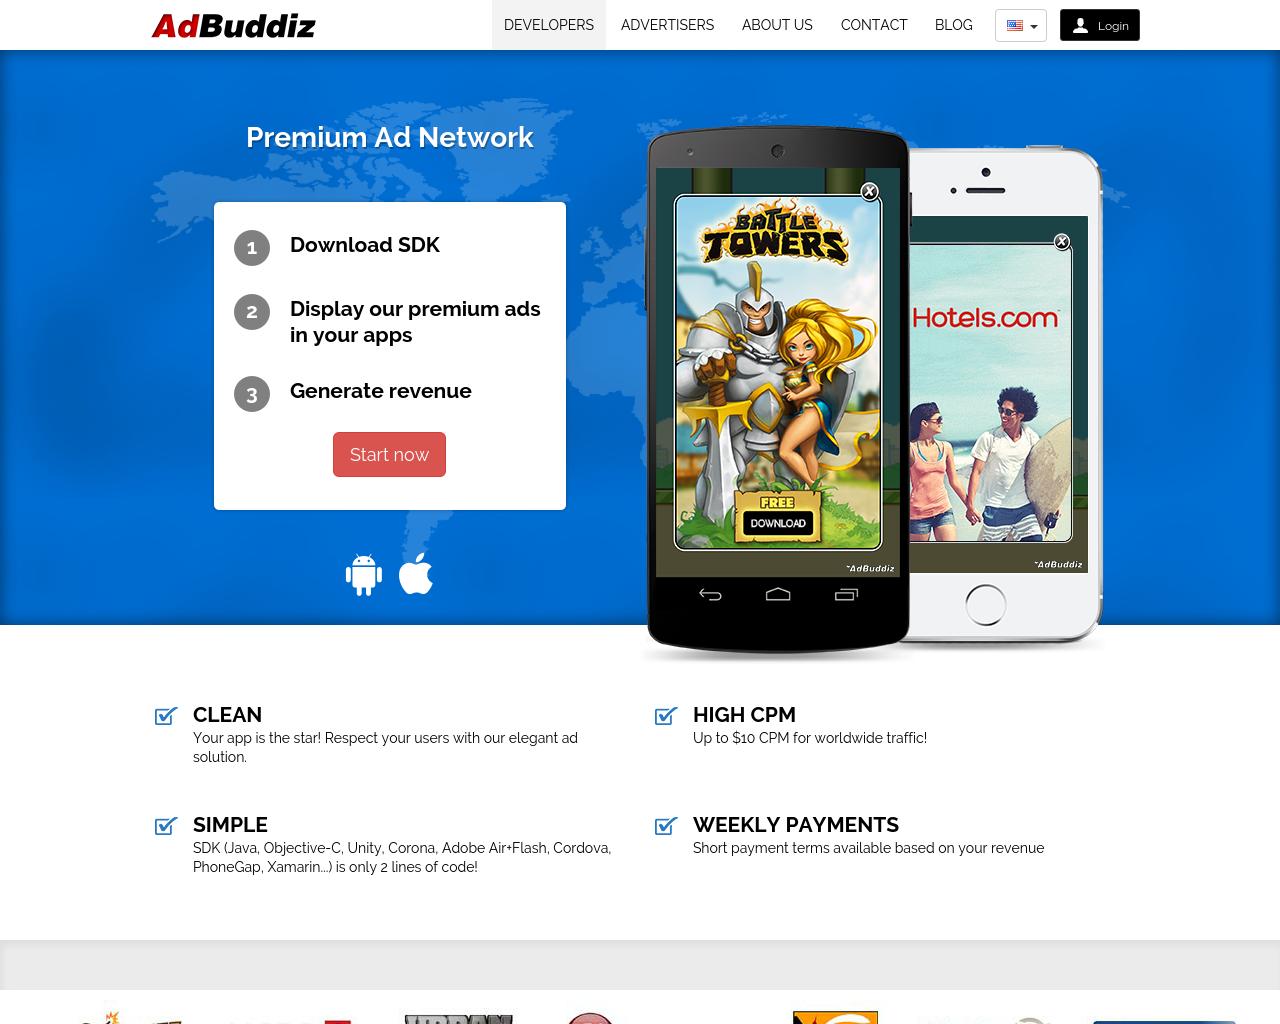 AdBuddiz-Advertising-Reviews-Pricing